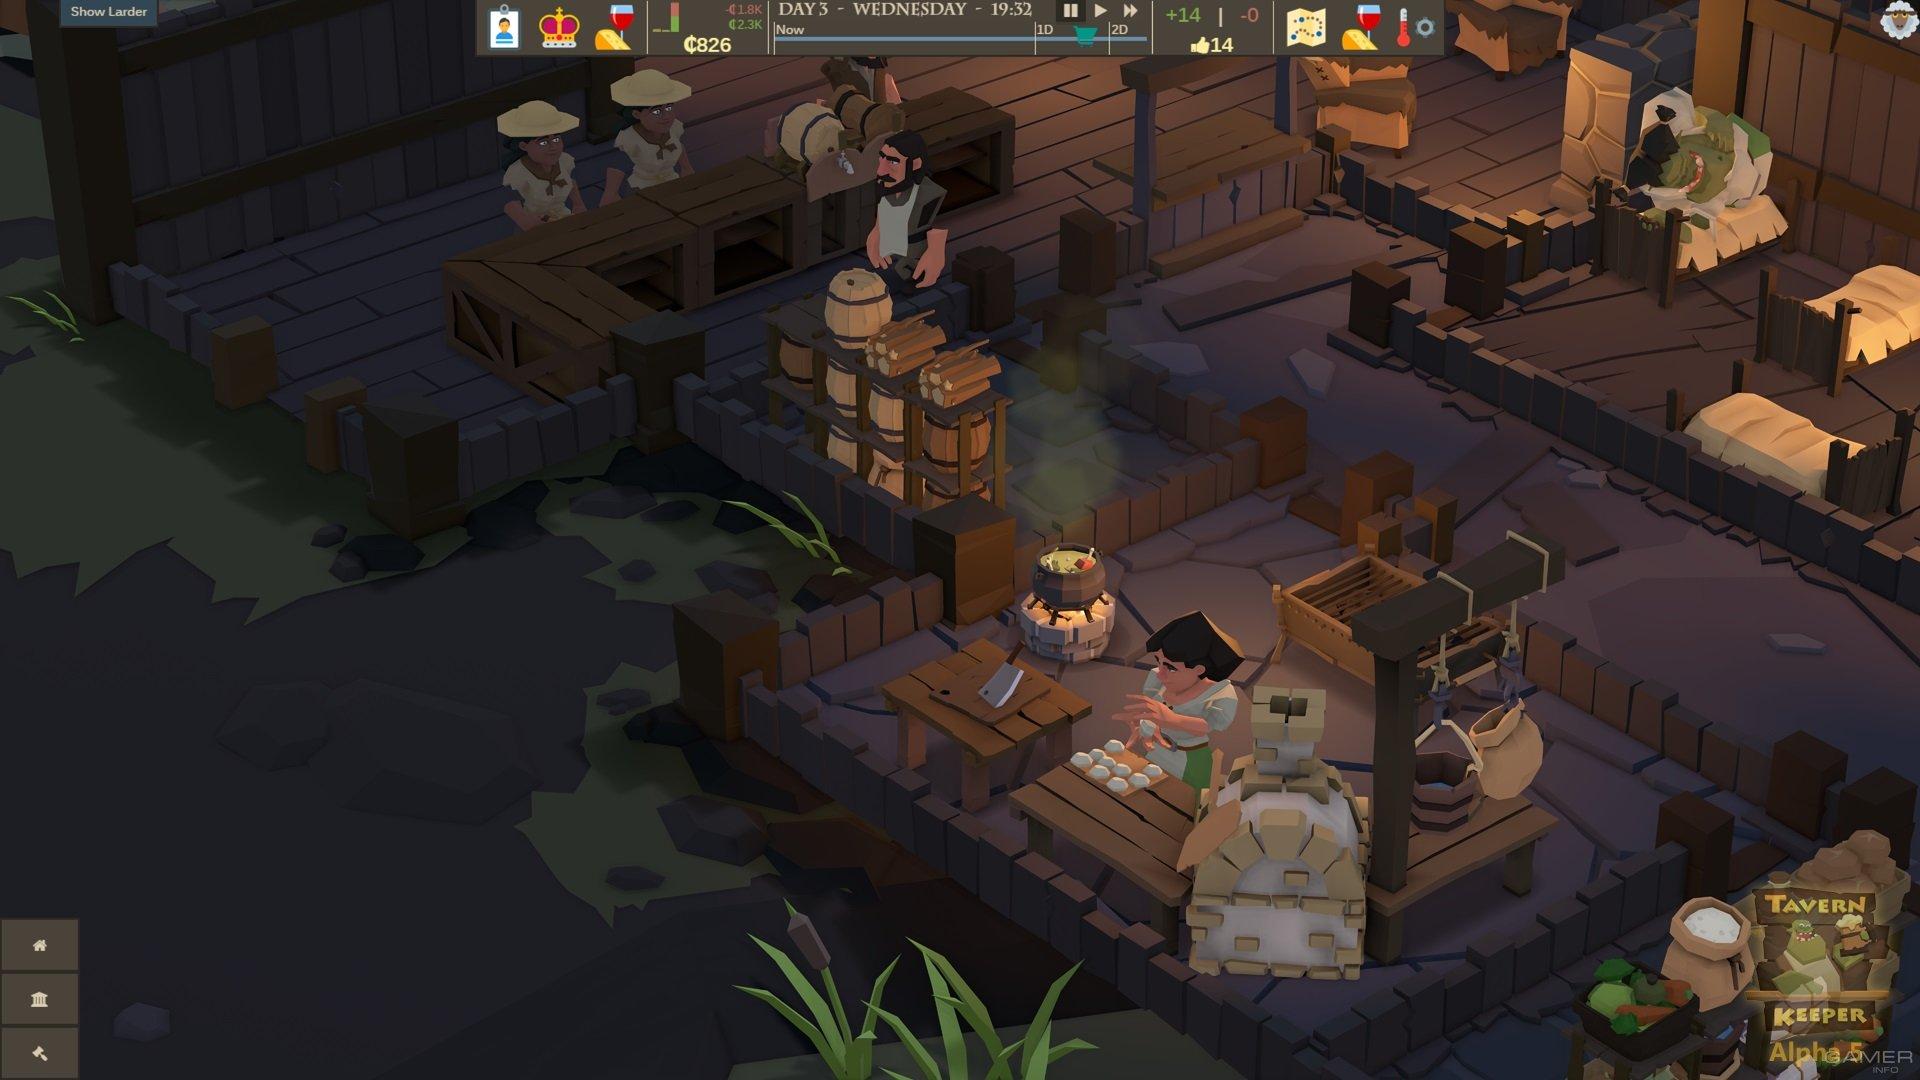 Анонсирован симулятор фэнтезийной таверны Tavern Keeper